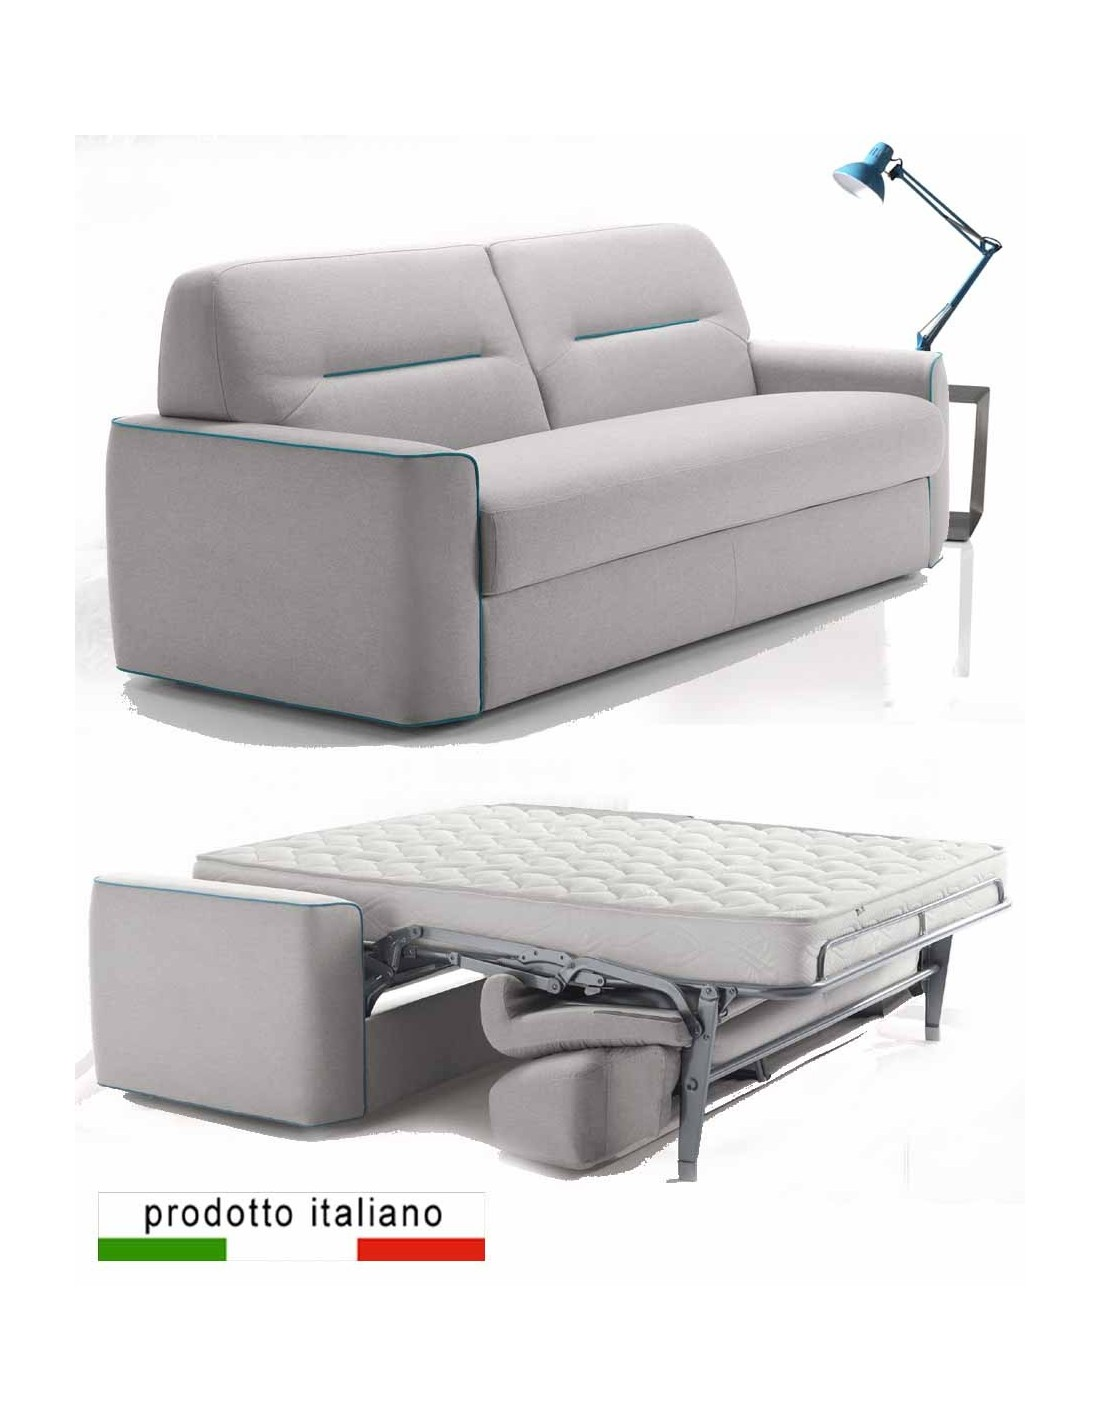 Divano letto piazza e mezza francese con materasso 140x190 - Divani letto 1 piazza ...